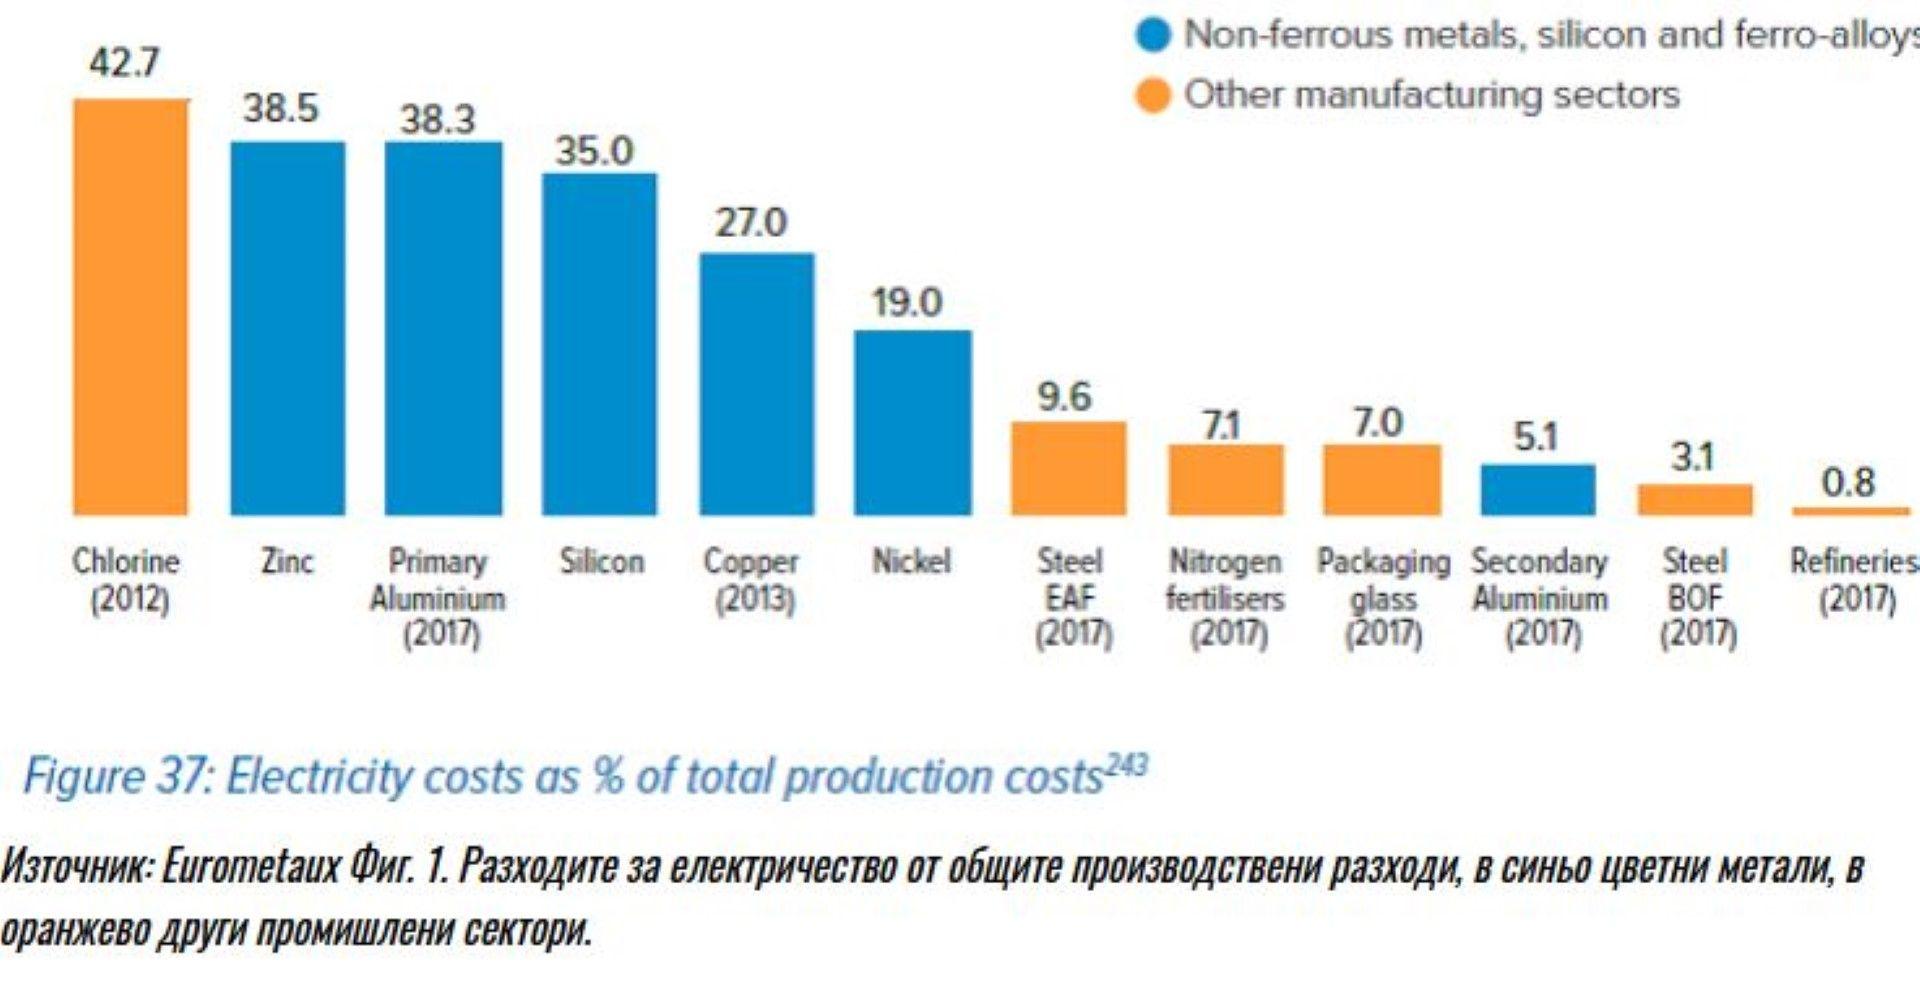 Разходите за електричество от общите производствени разходи, в синьо цветни метали, в оранжево други промишлени сектори